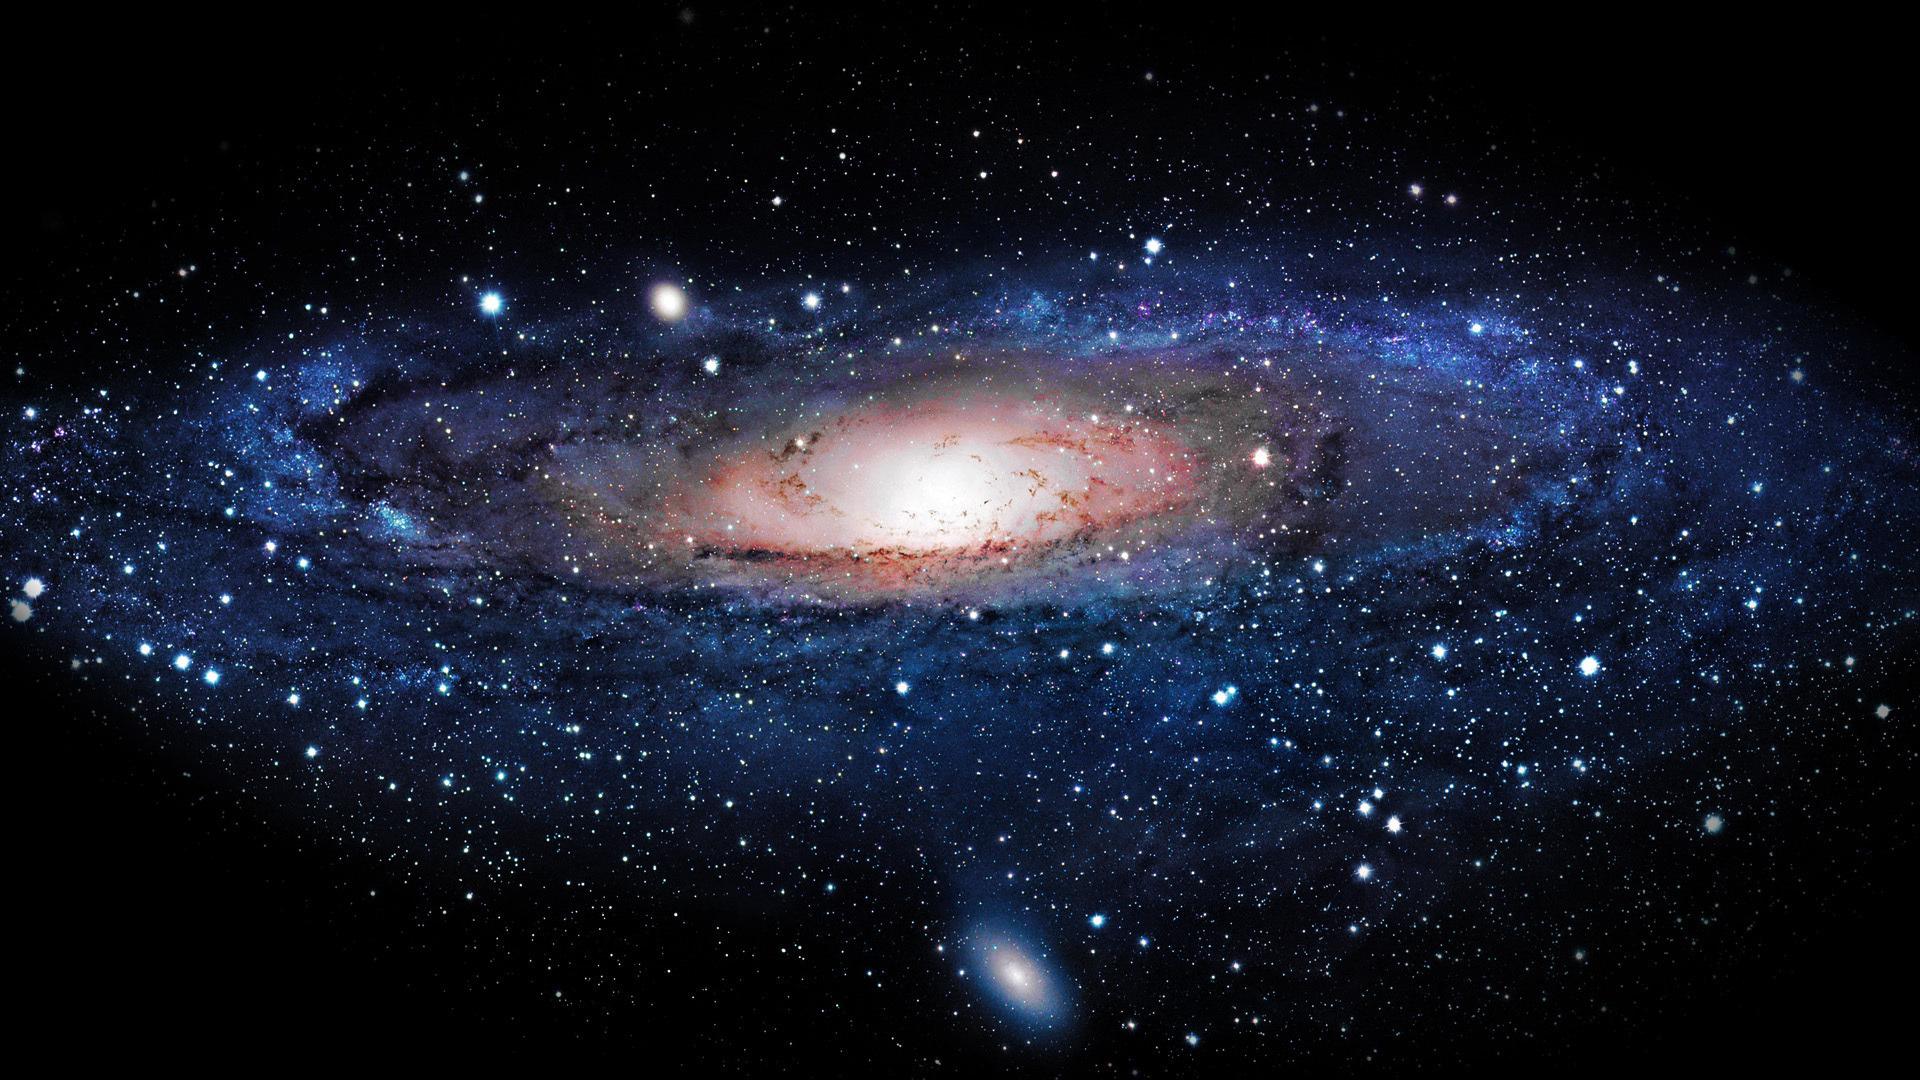 宇宙は果てしなく広い!